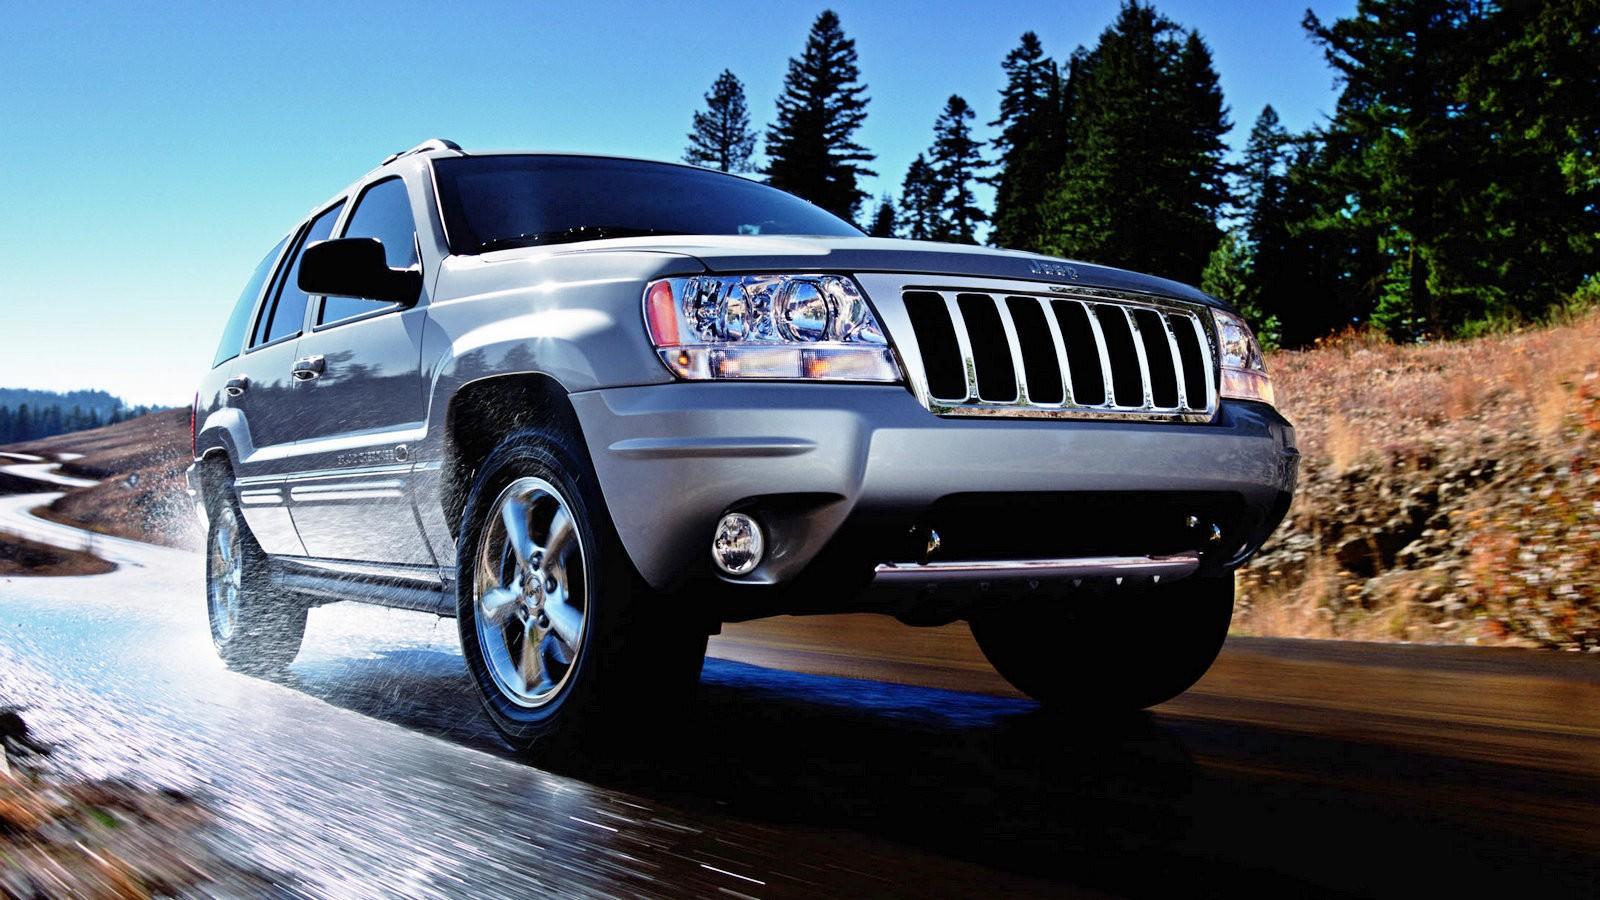 Jeep Grand Cherokee Overland (WJ) '2004